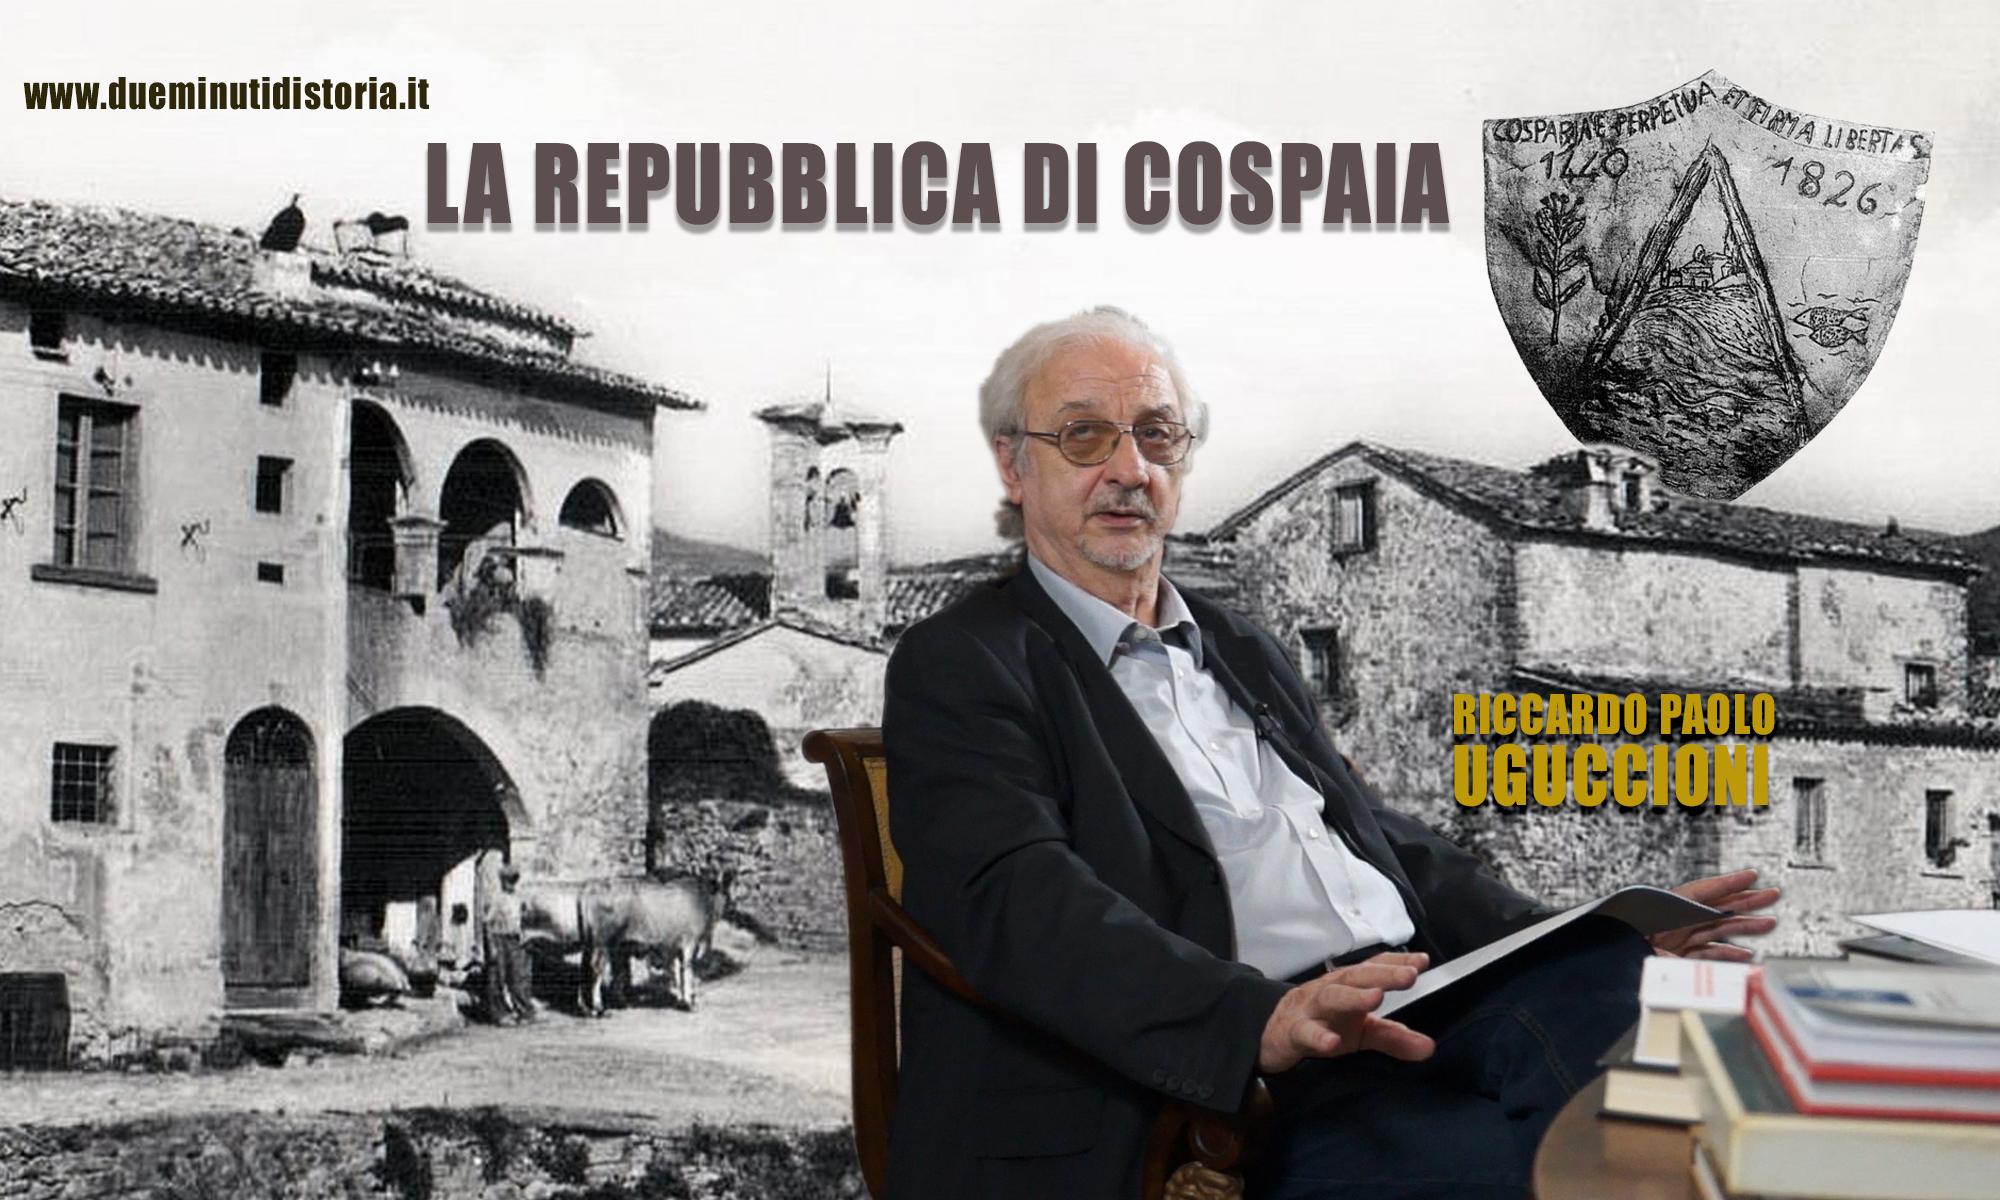 La Repubblica di Cospaia